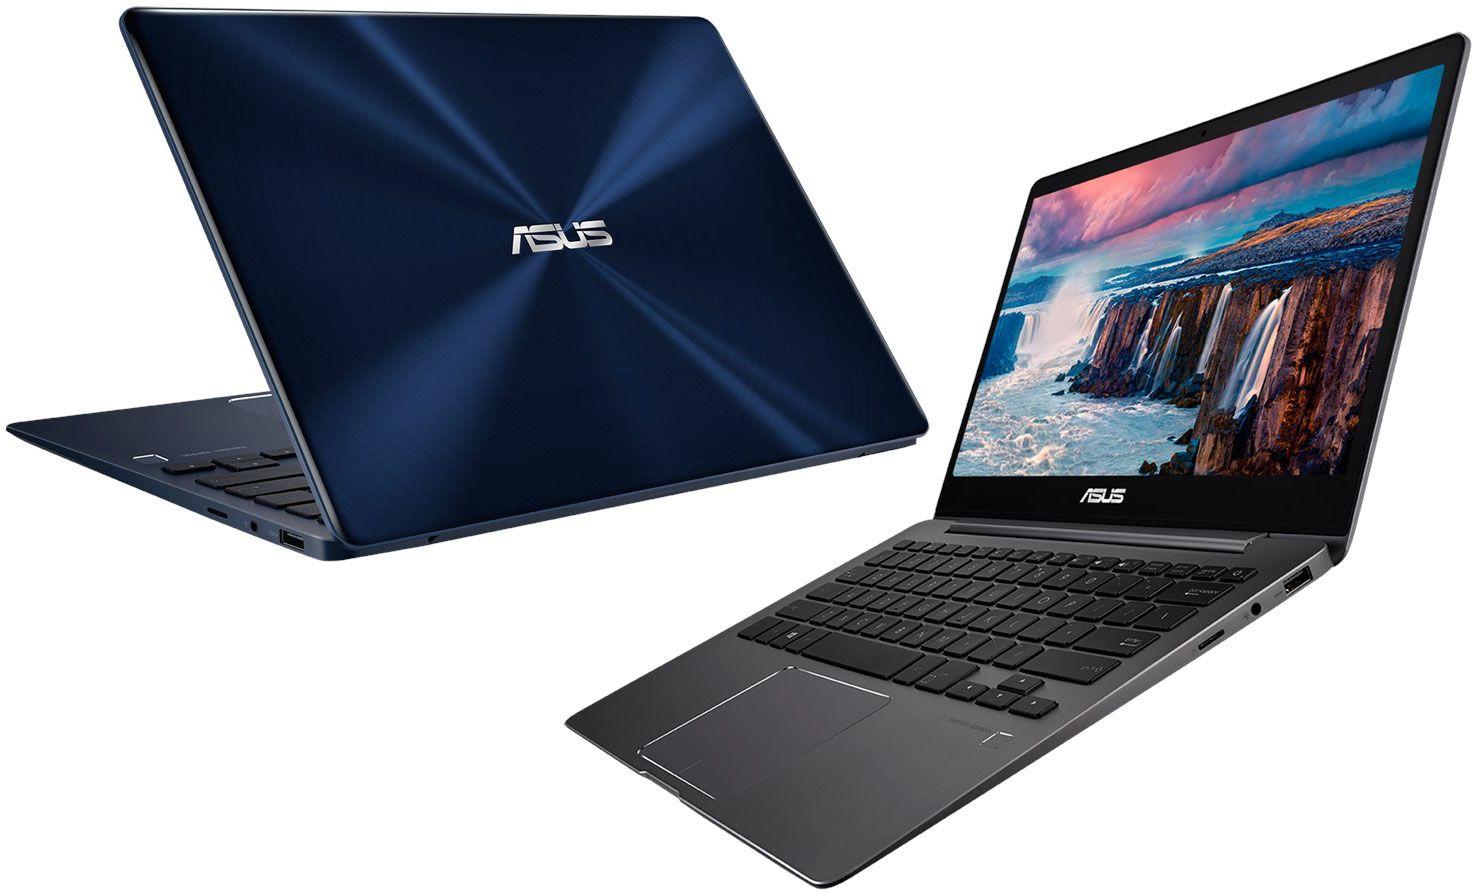 Обзор ноутбуков ASUS Zenbook 13 BX333FA и UX331FAL